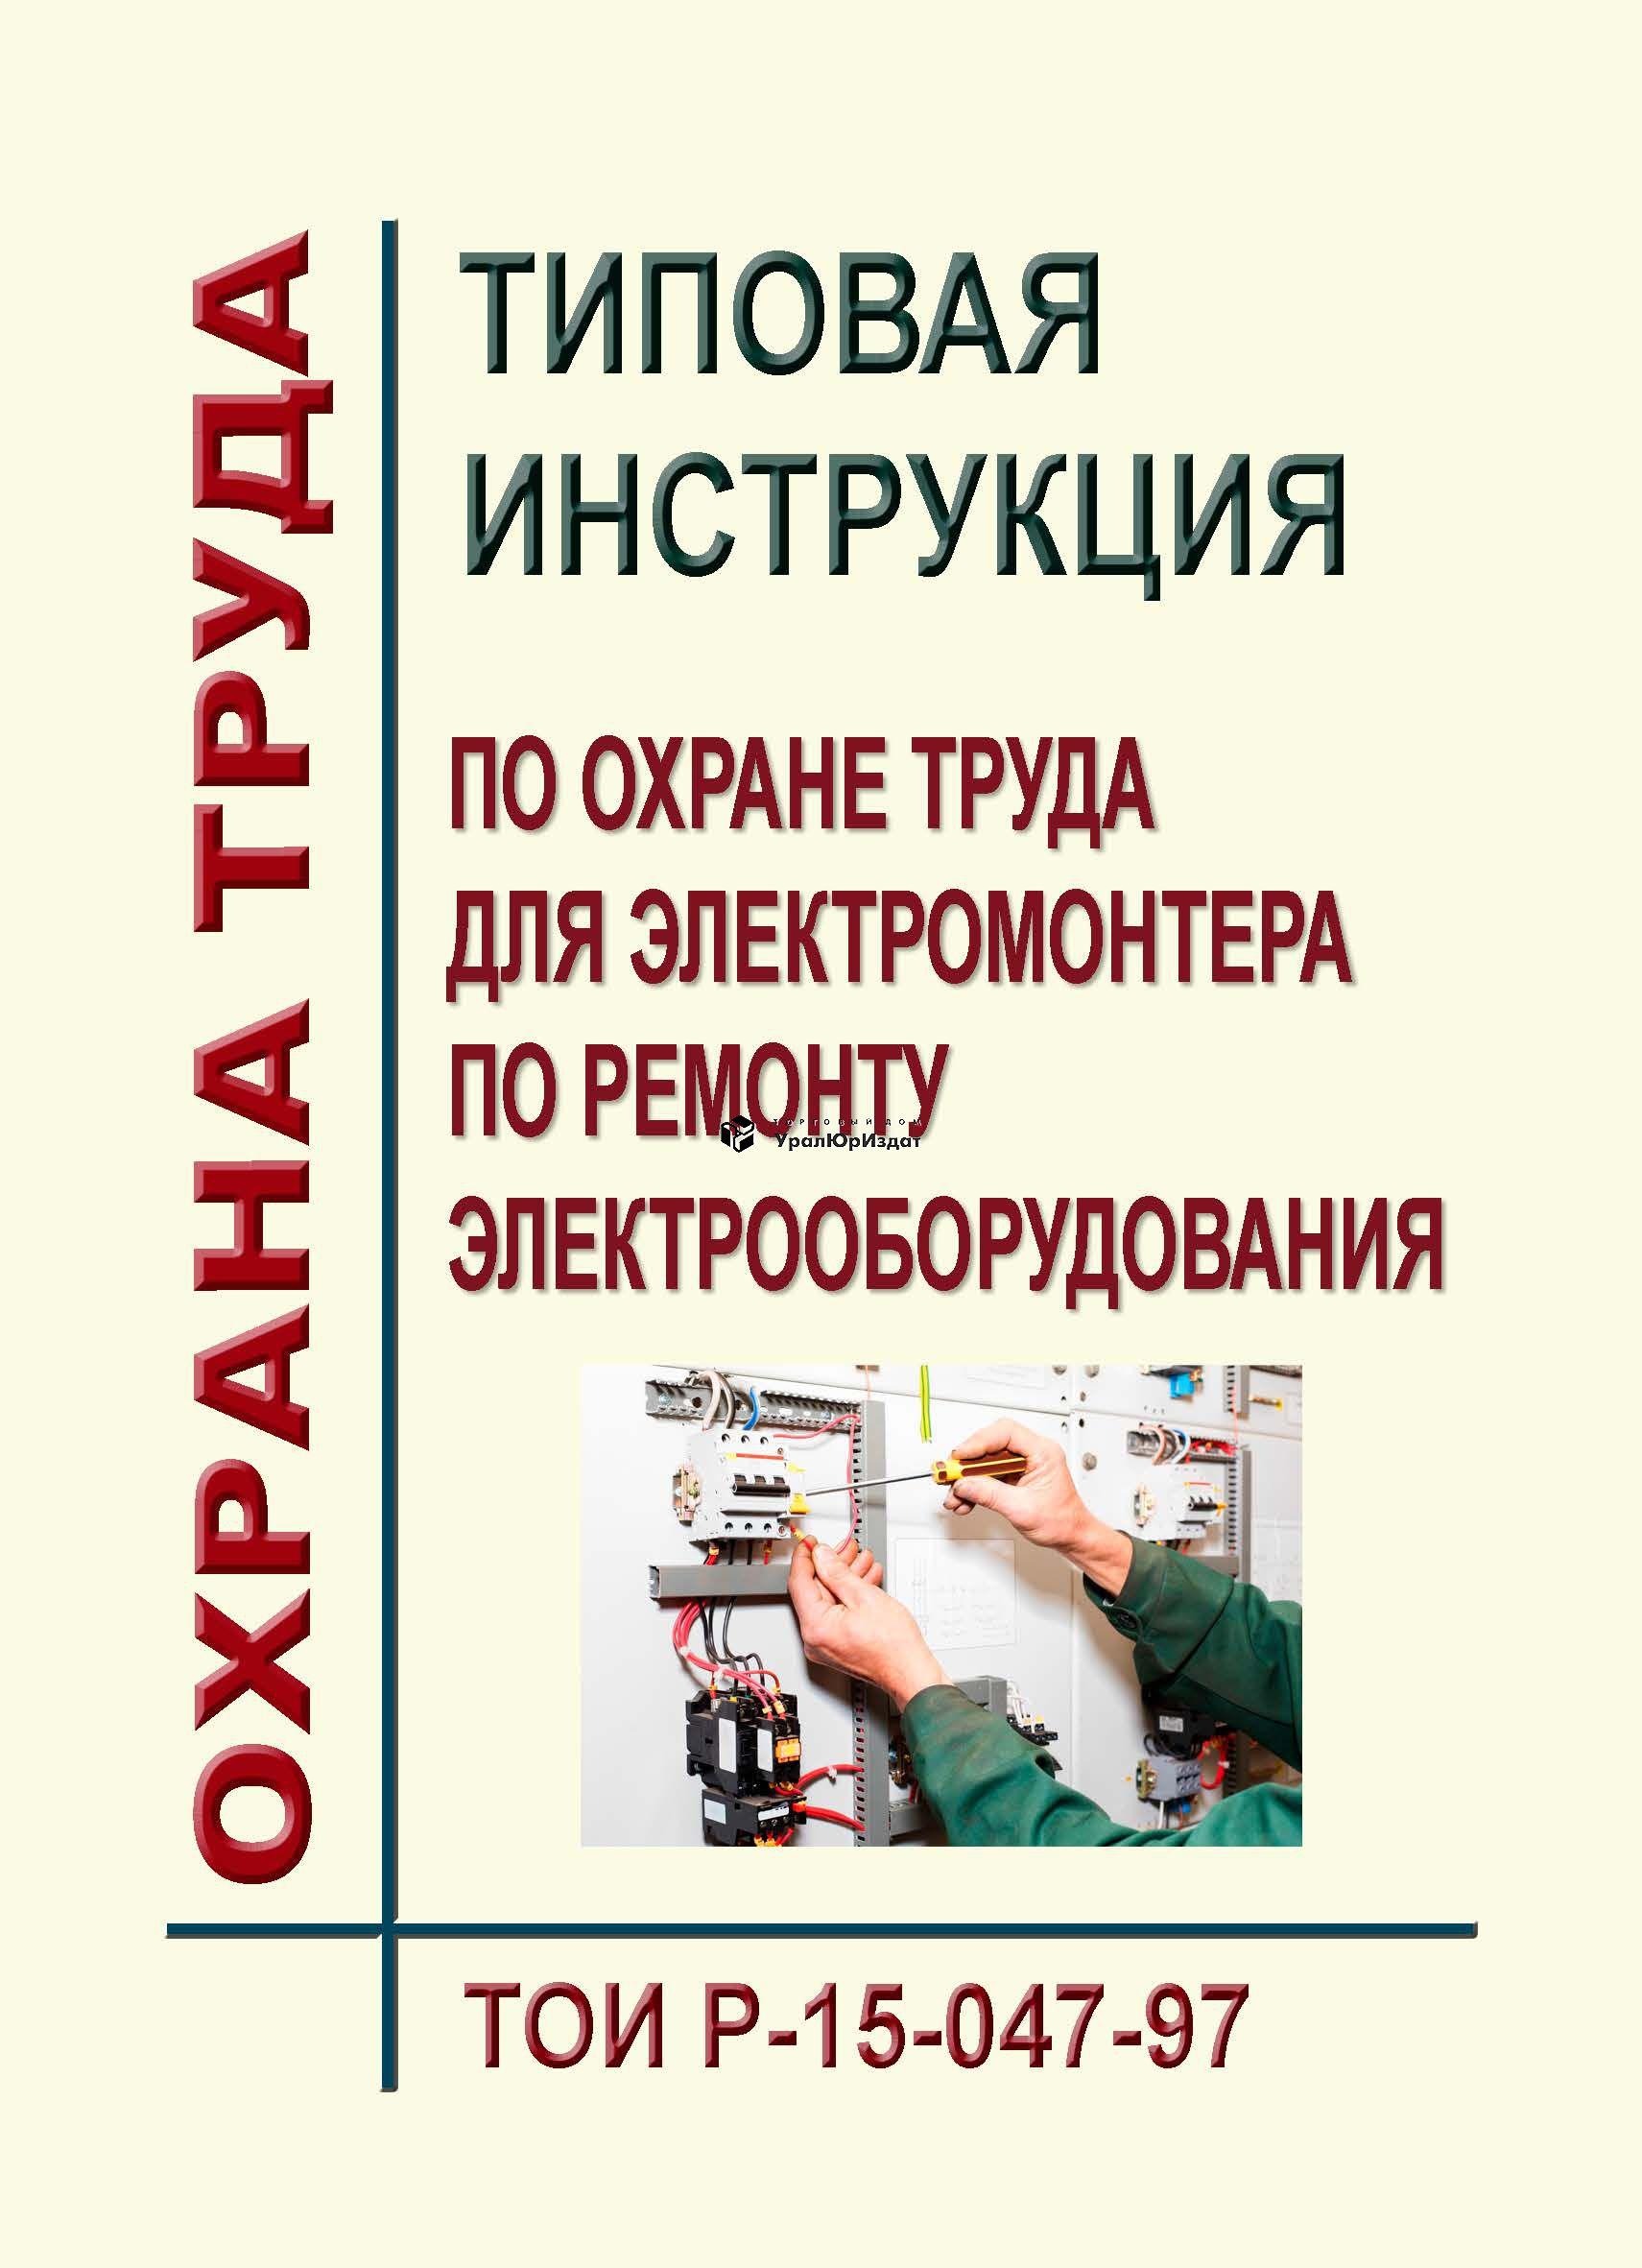 Автоматическое включение резервного питания и оборудования (авр) / пуэ 7 / библиотека / элек.ру